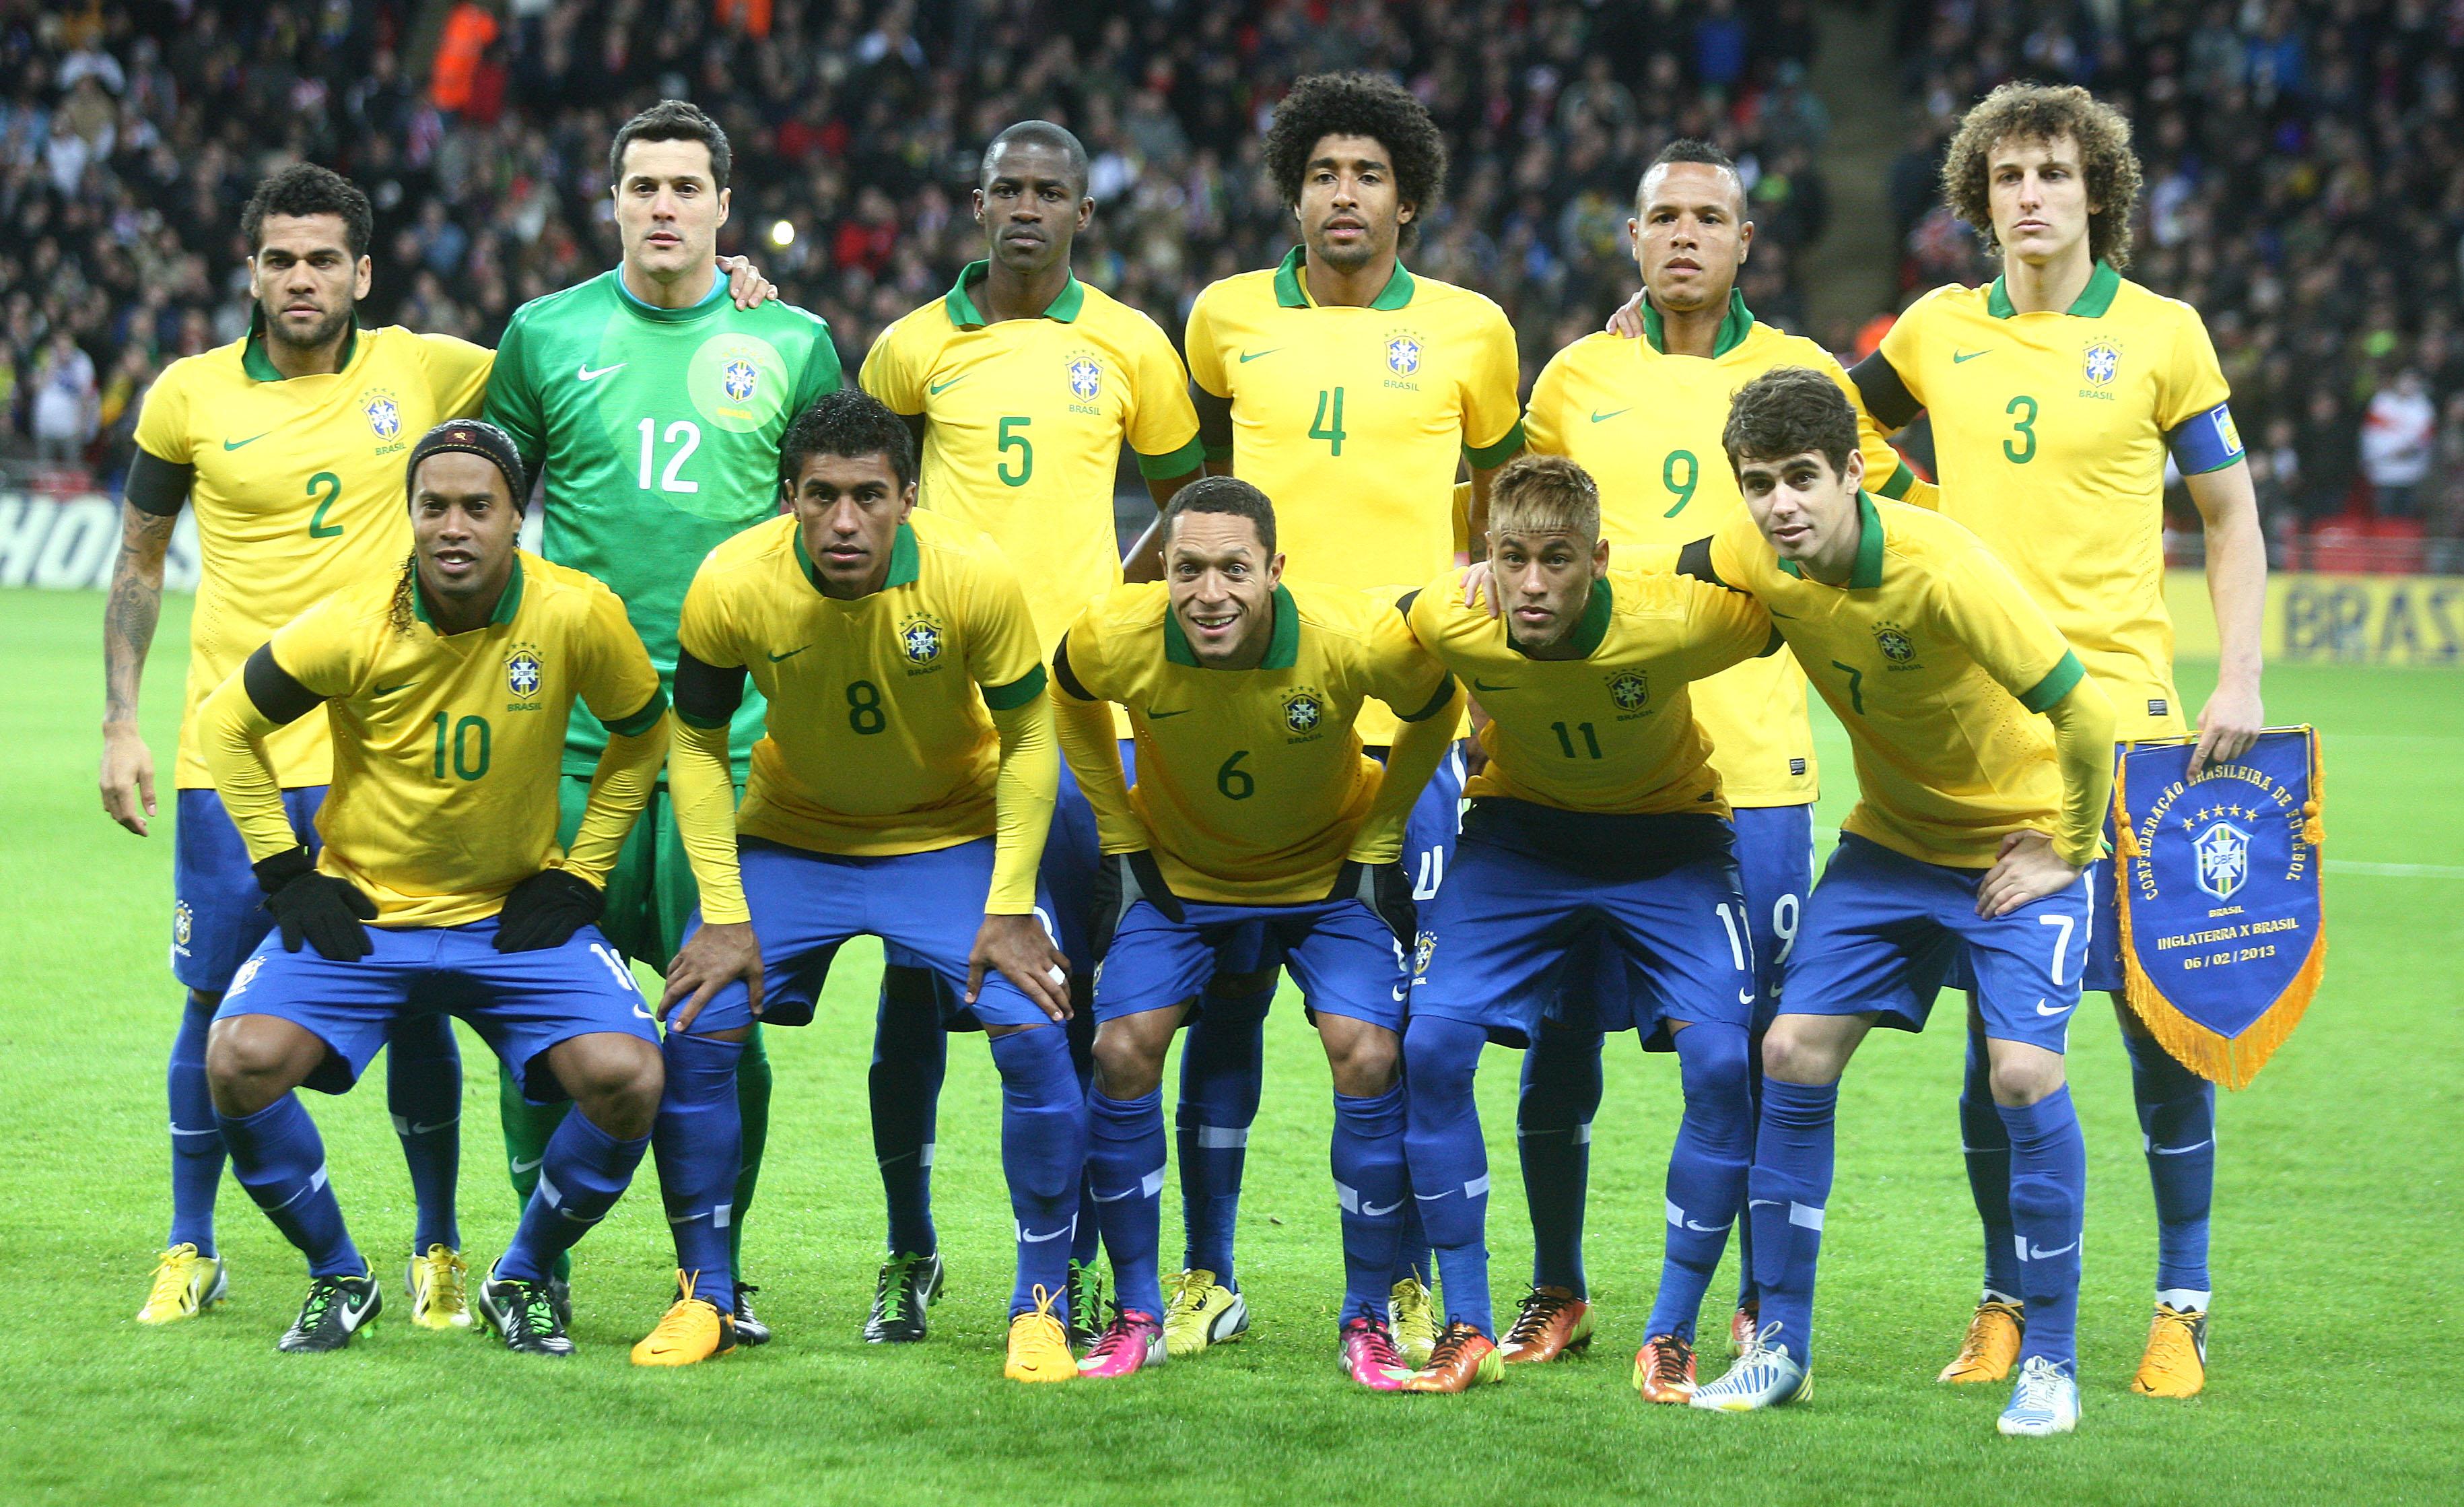 Brazil National Football Team HD Wallpaper Football Wallpapers 3660x2238